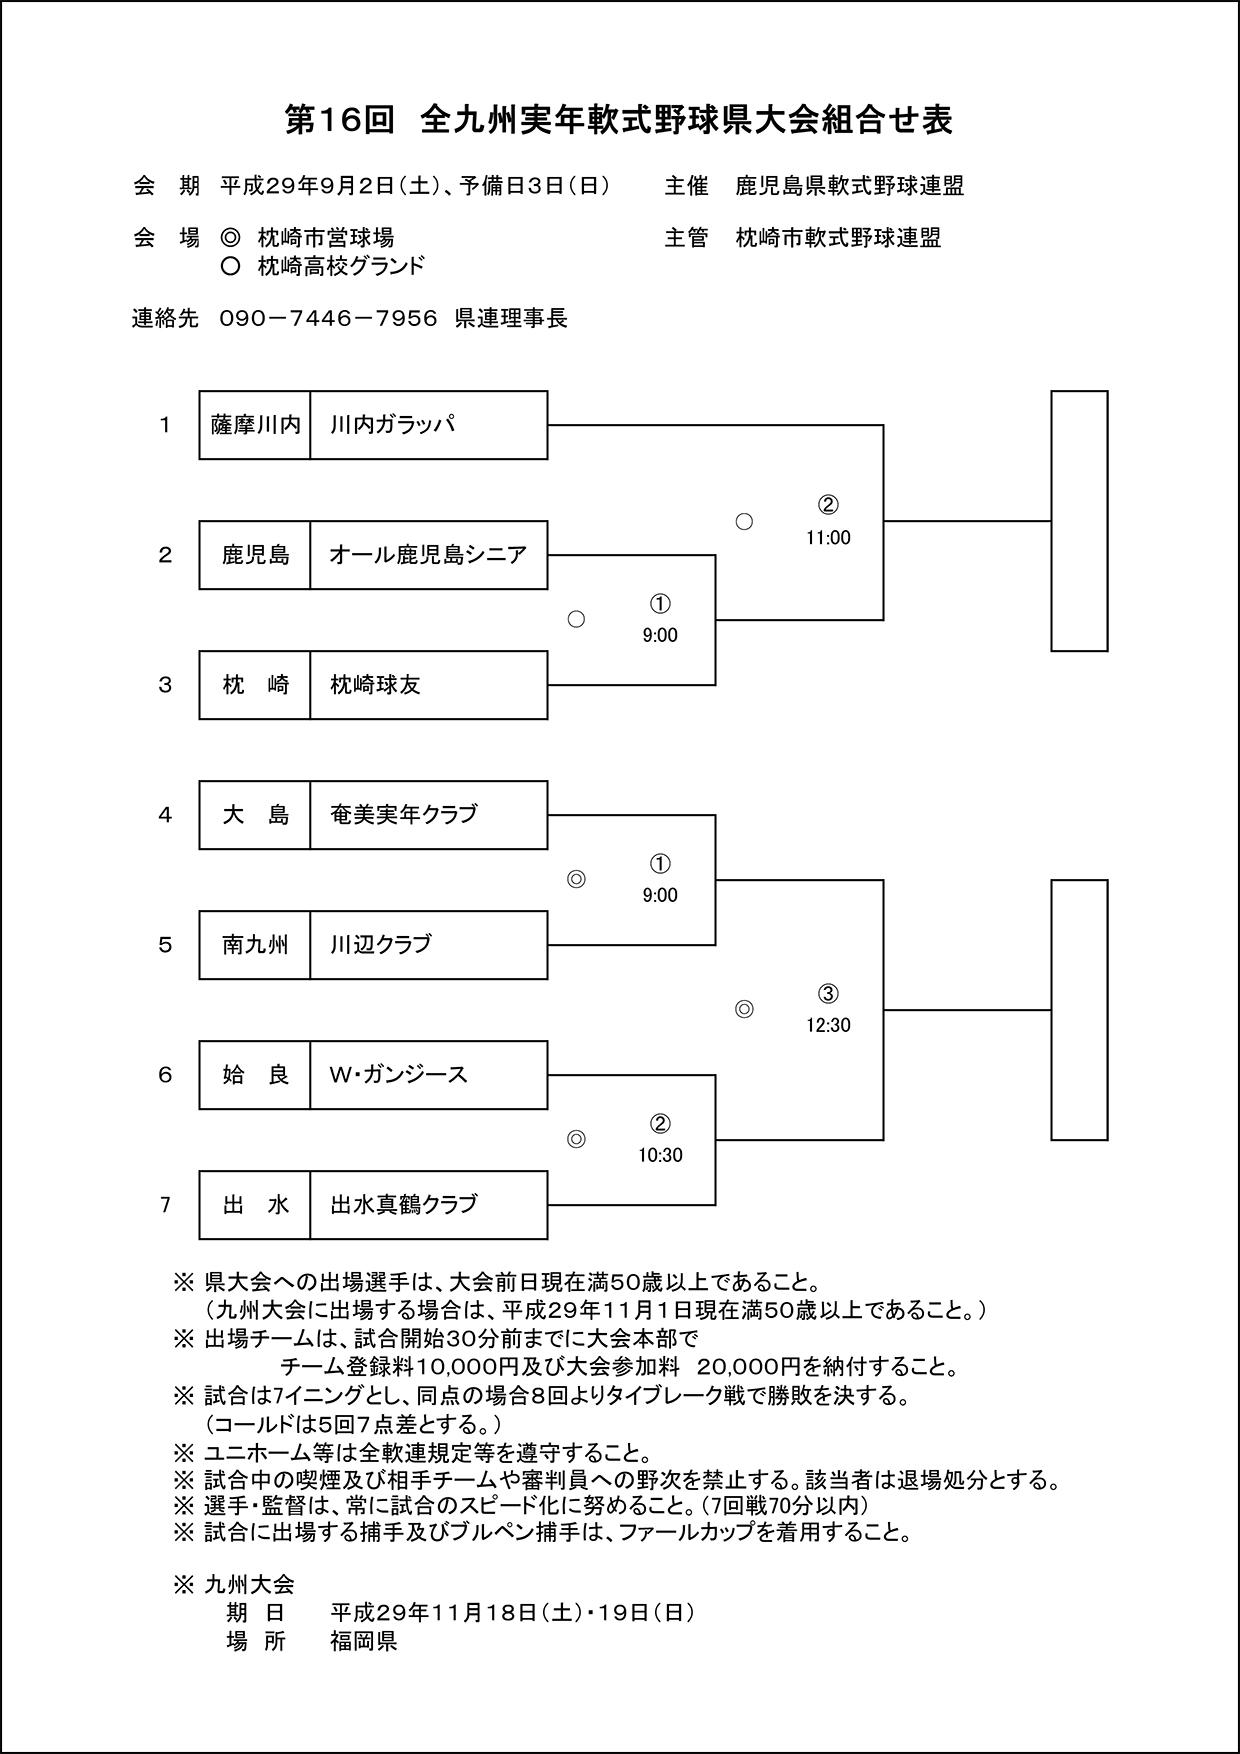 【組み合わせ】第16回全九州実年軟式野球県大会組合せ表